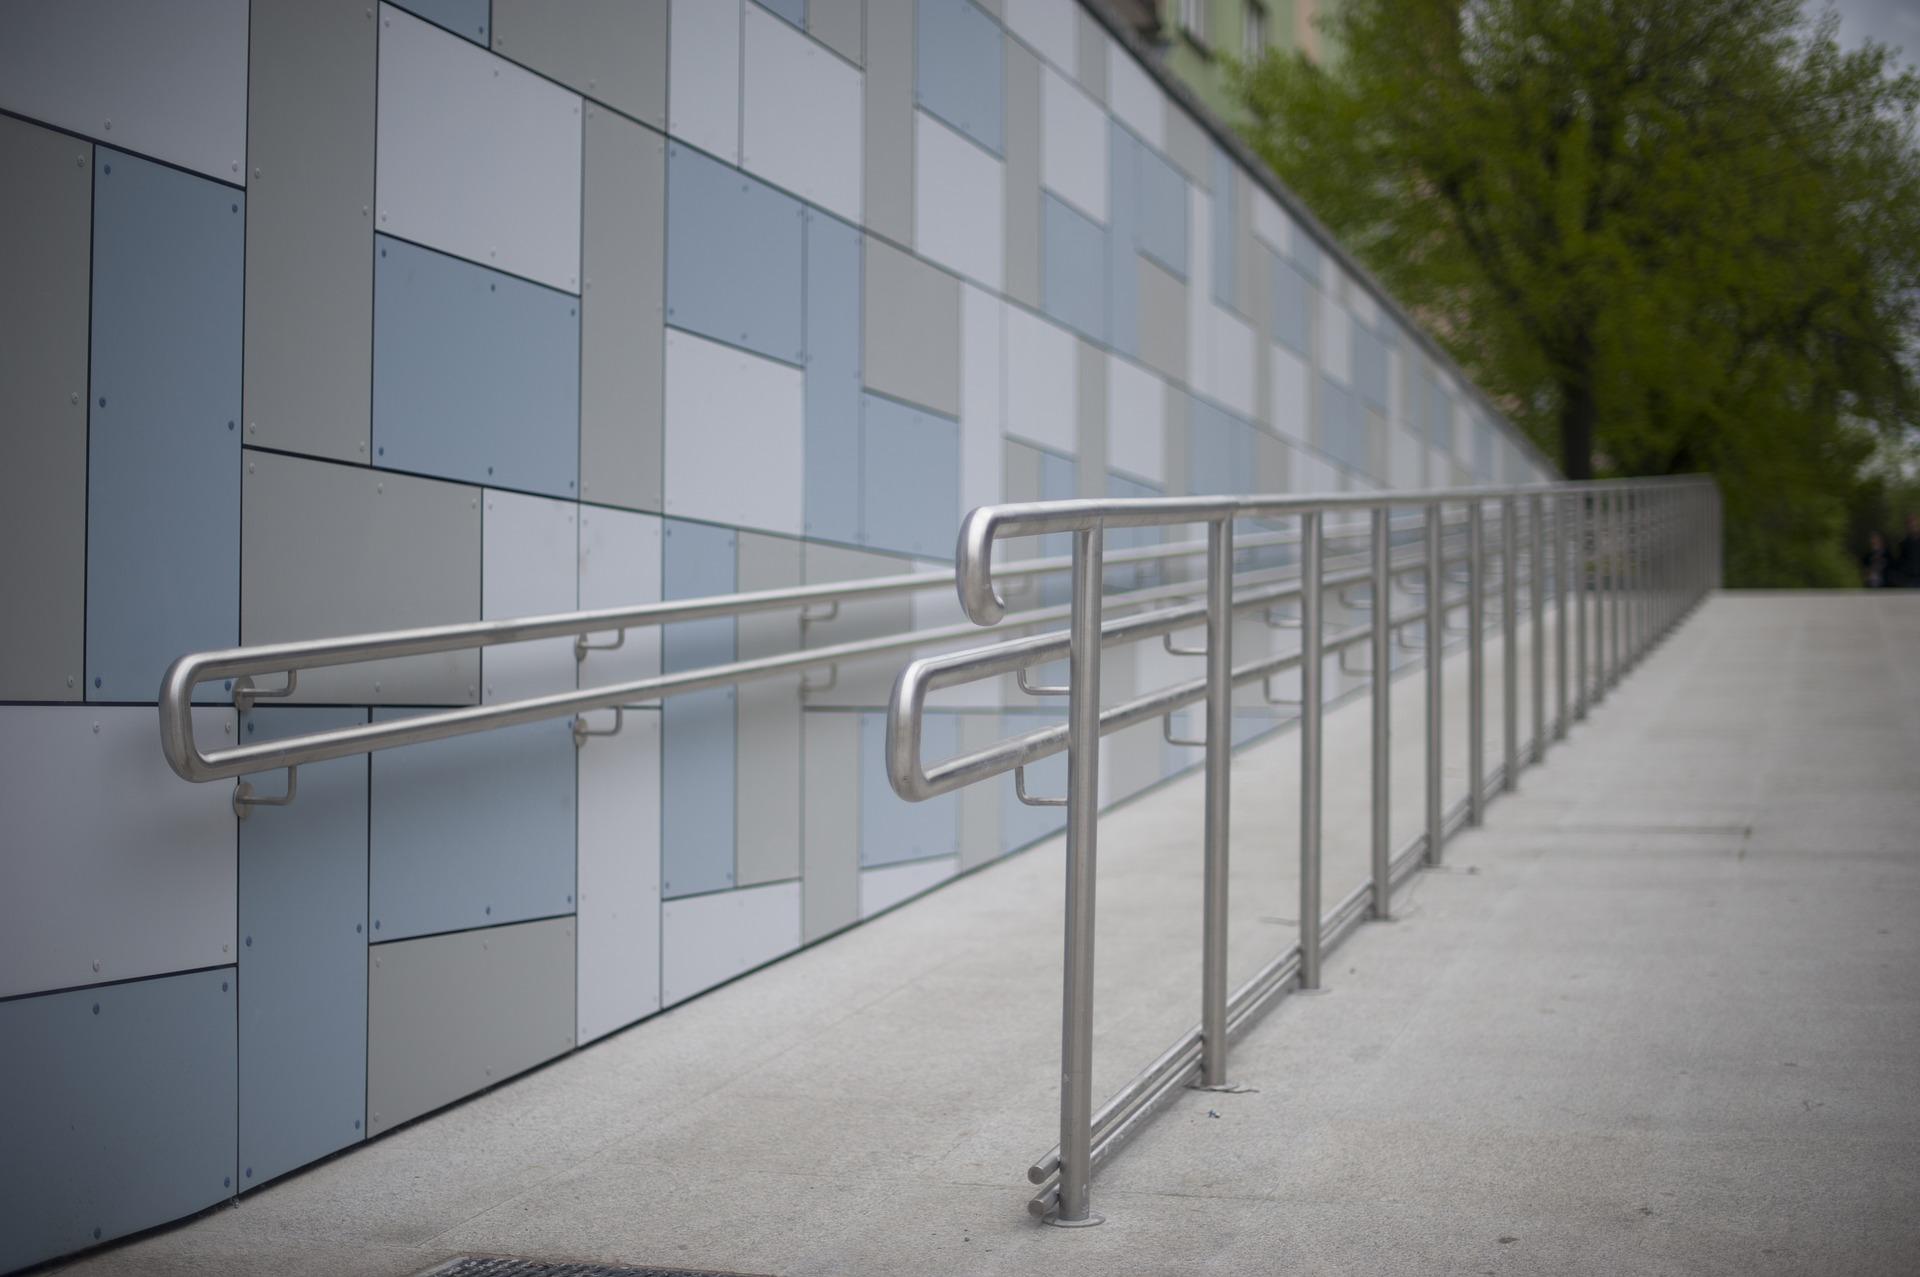 Fotografía de una rampa para el acceso de sillas de ruedas